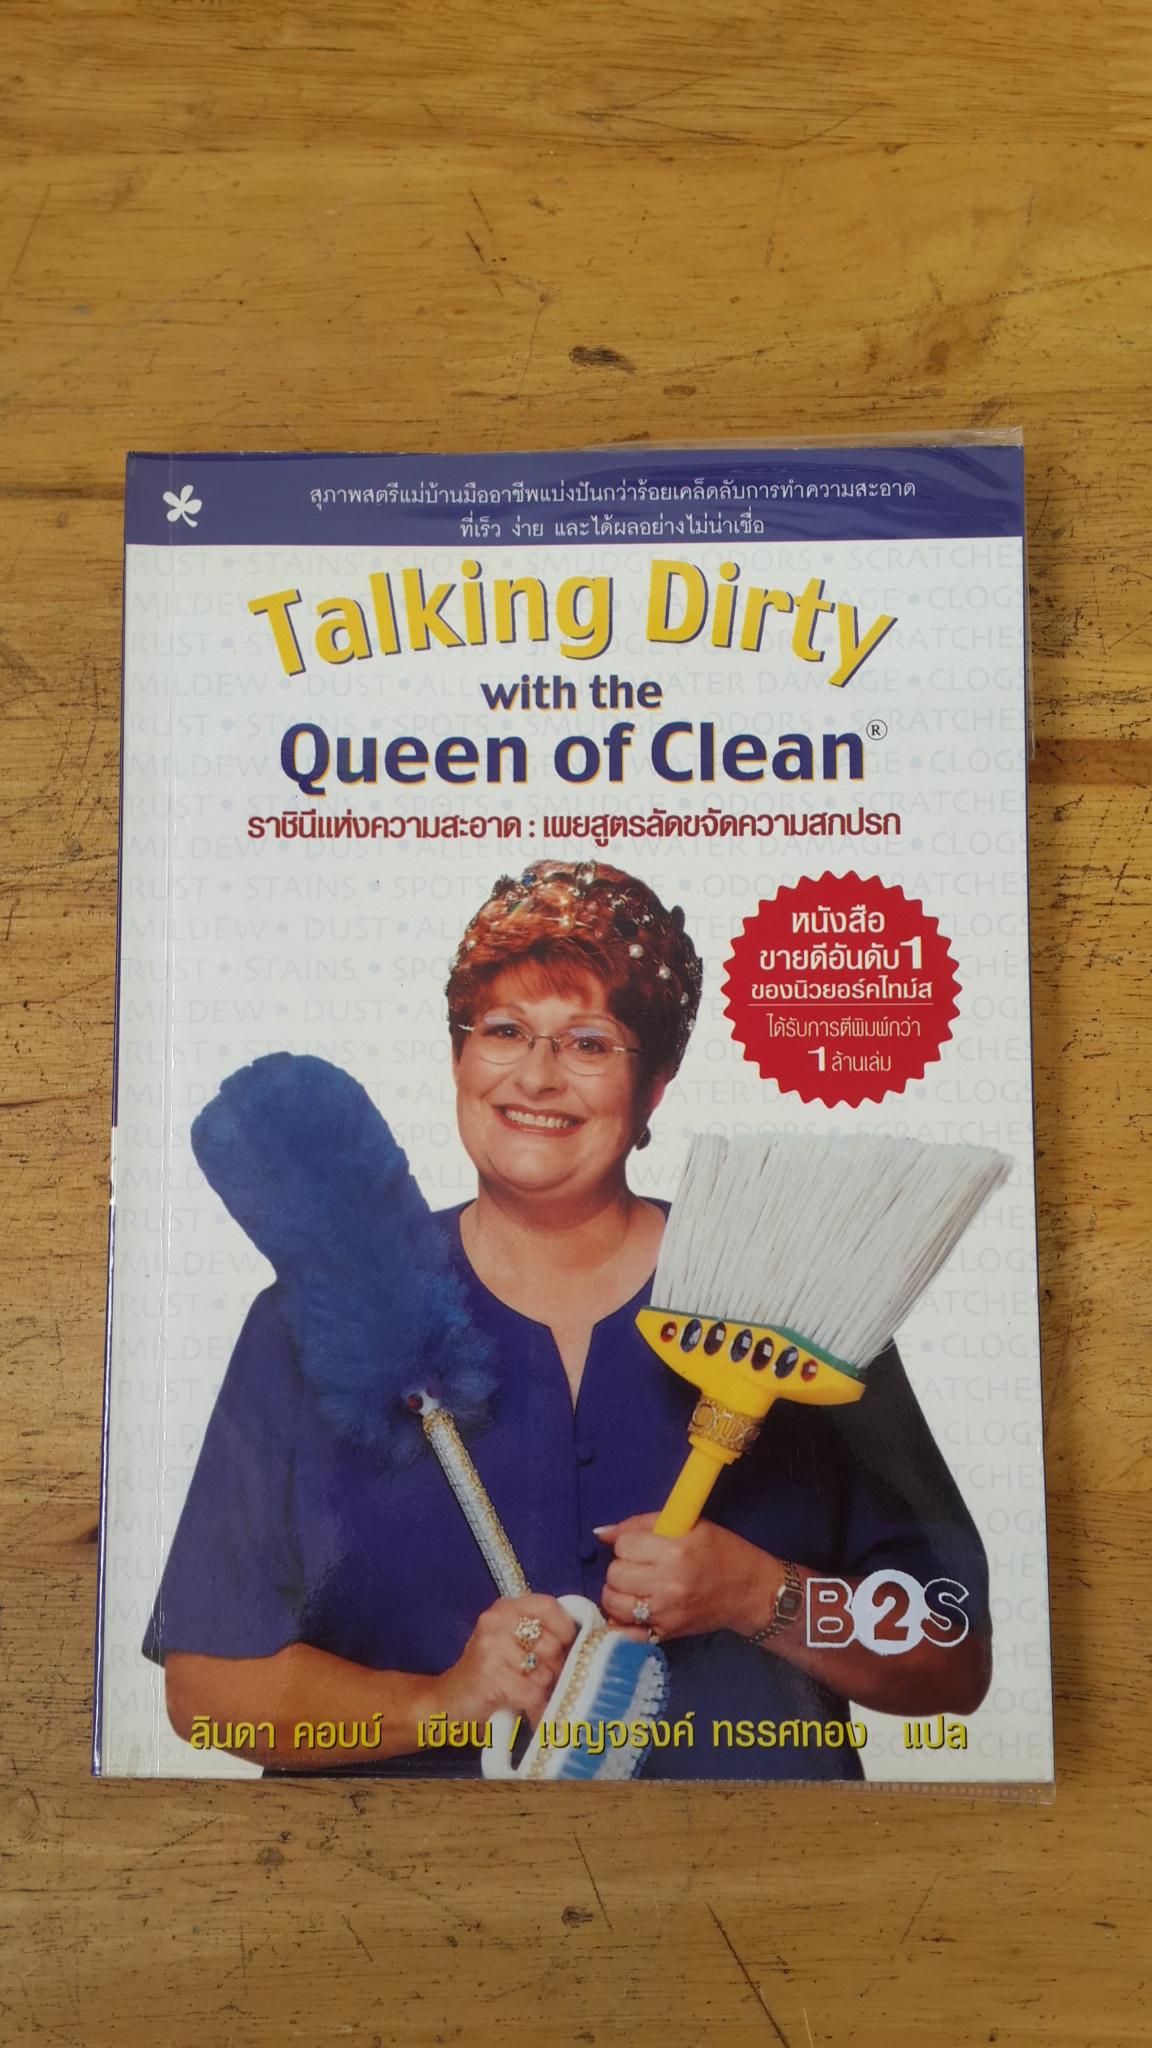 ราชินีแห่งความสะอาด : เผยสูตรลัดขจัดความสกปรก / ลินดา คอบบ์